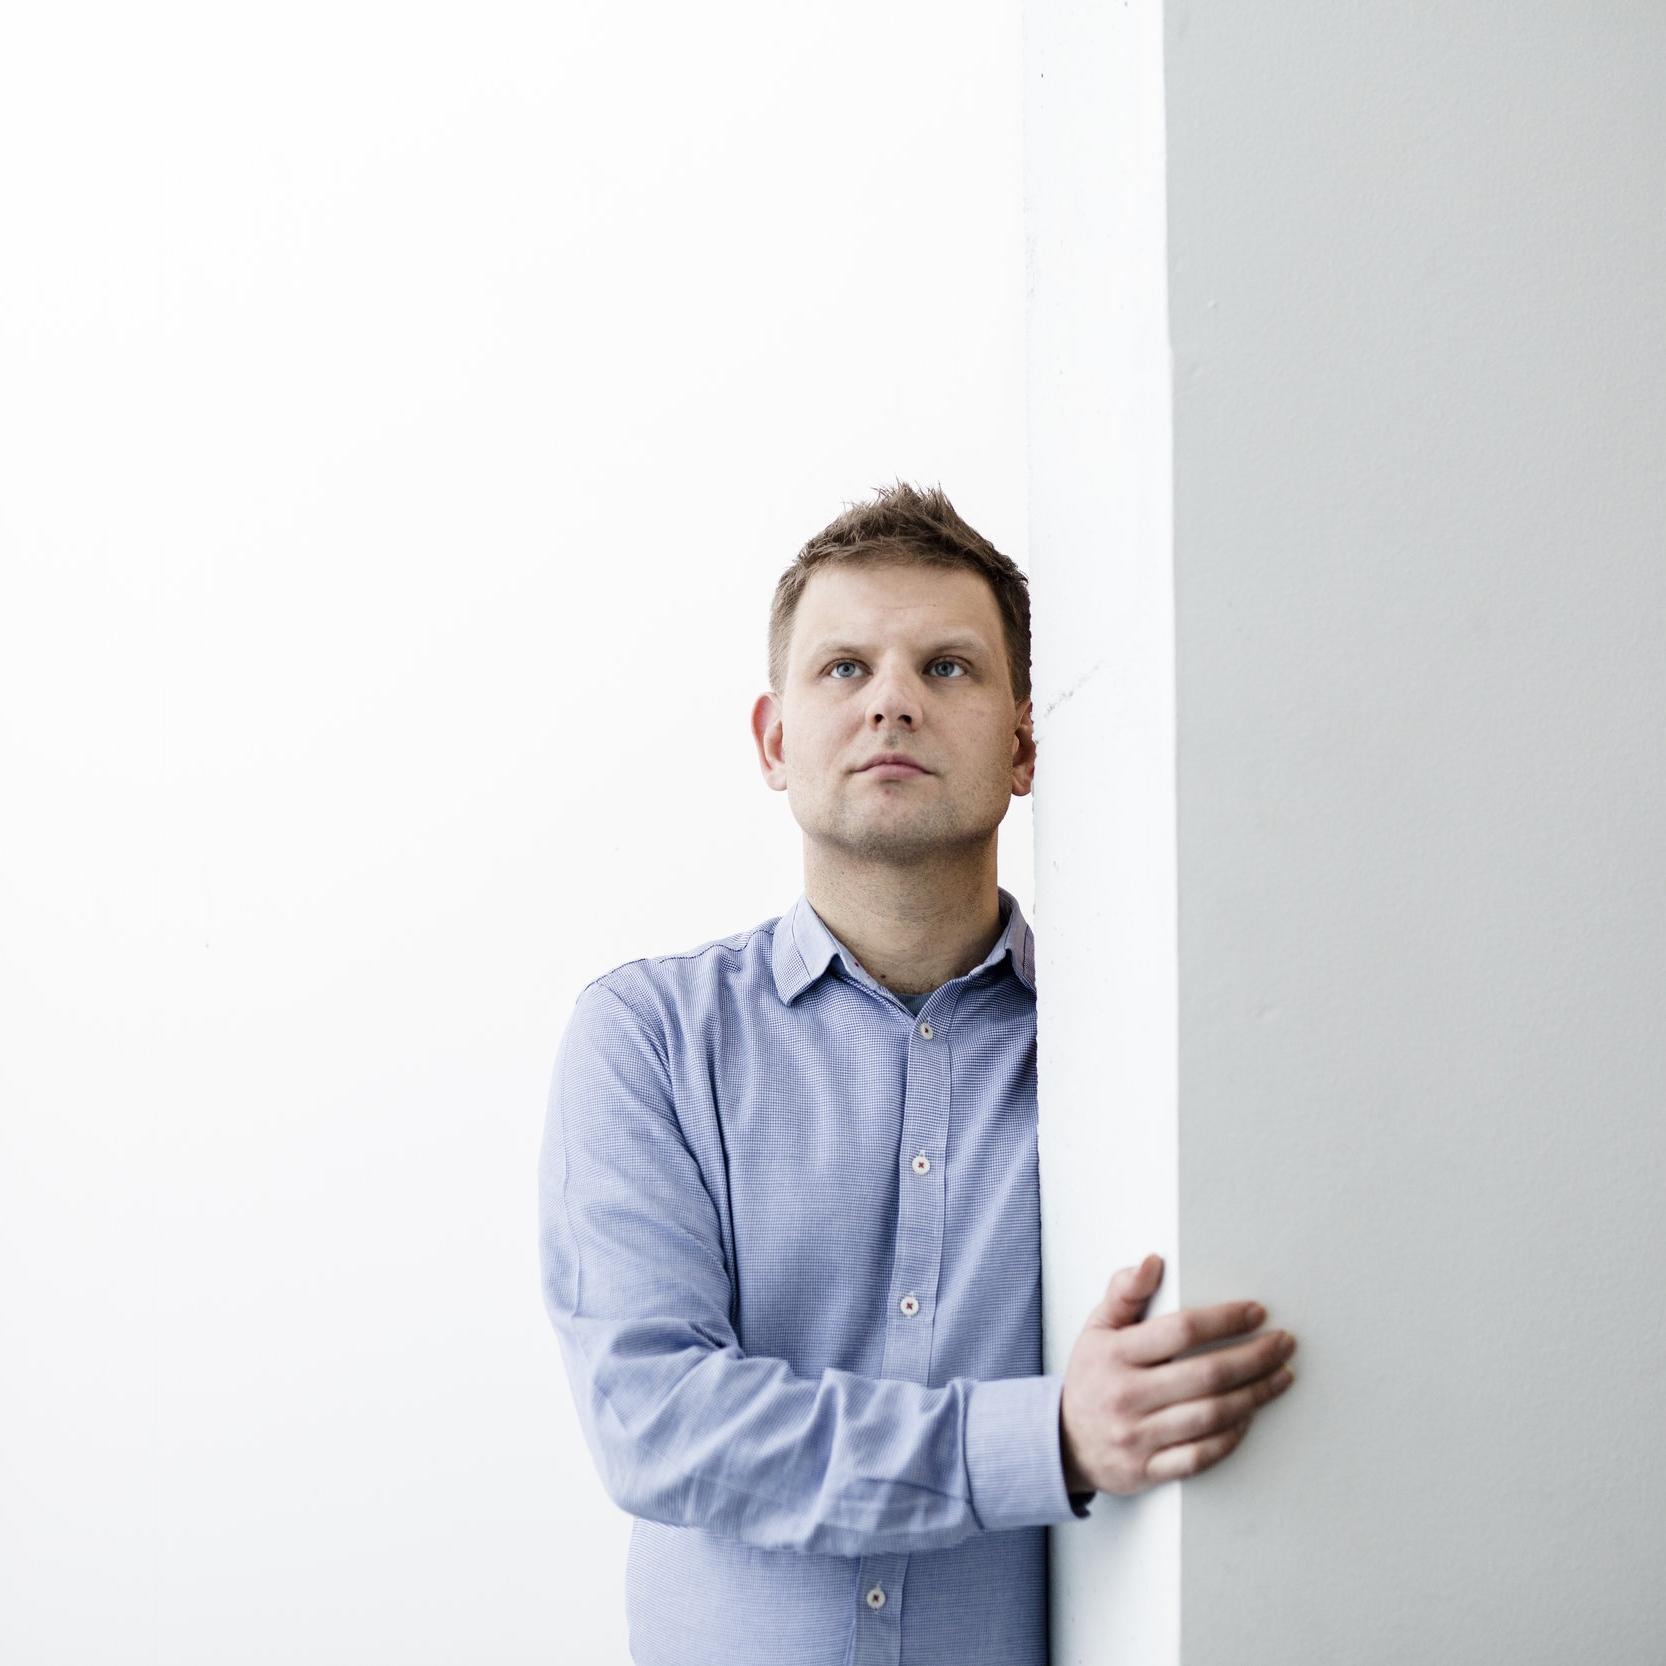 Olavi Koistinen  , s. 1977, on helsinkiläinen toimittaja, kirjailija ja diplomi-insinööri. Hän lähti Espoosta kymmenen vuotta sitten, mutta Espoo ei lähde hänestä. Koistinen on ammatiltaan Helsingin Sanomien toimittaja ja kehittää työkseen uutisrobottia.   Mies joka laski miljardiin   on hänen esikoisteoksensa.    Arvostelukappaleet ja haastattelut  >  heini.salminen@kosmoskirjat.fi